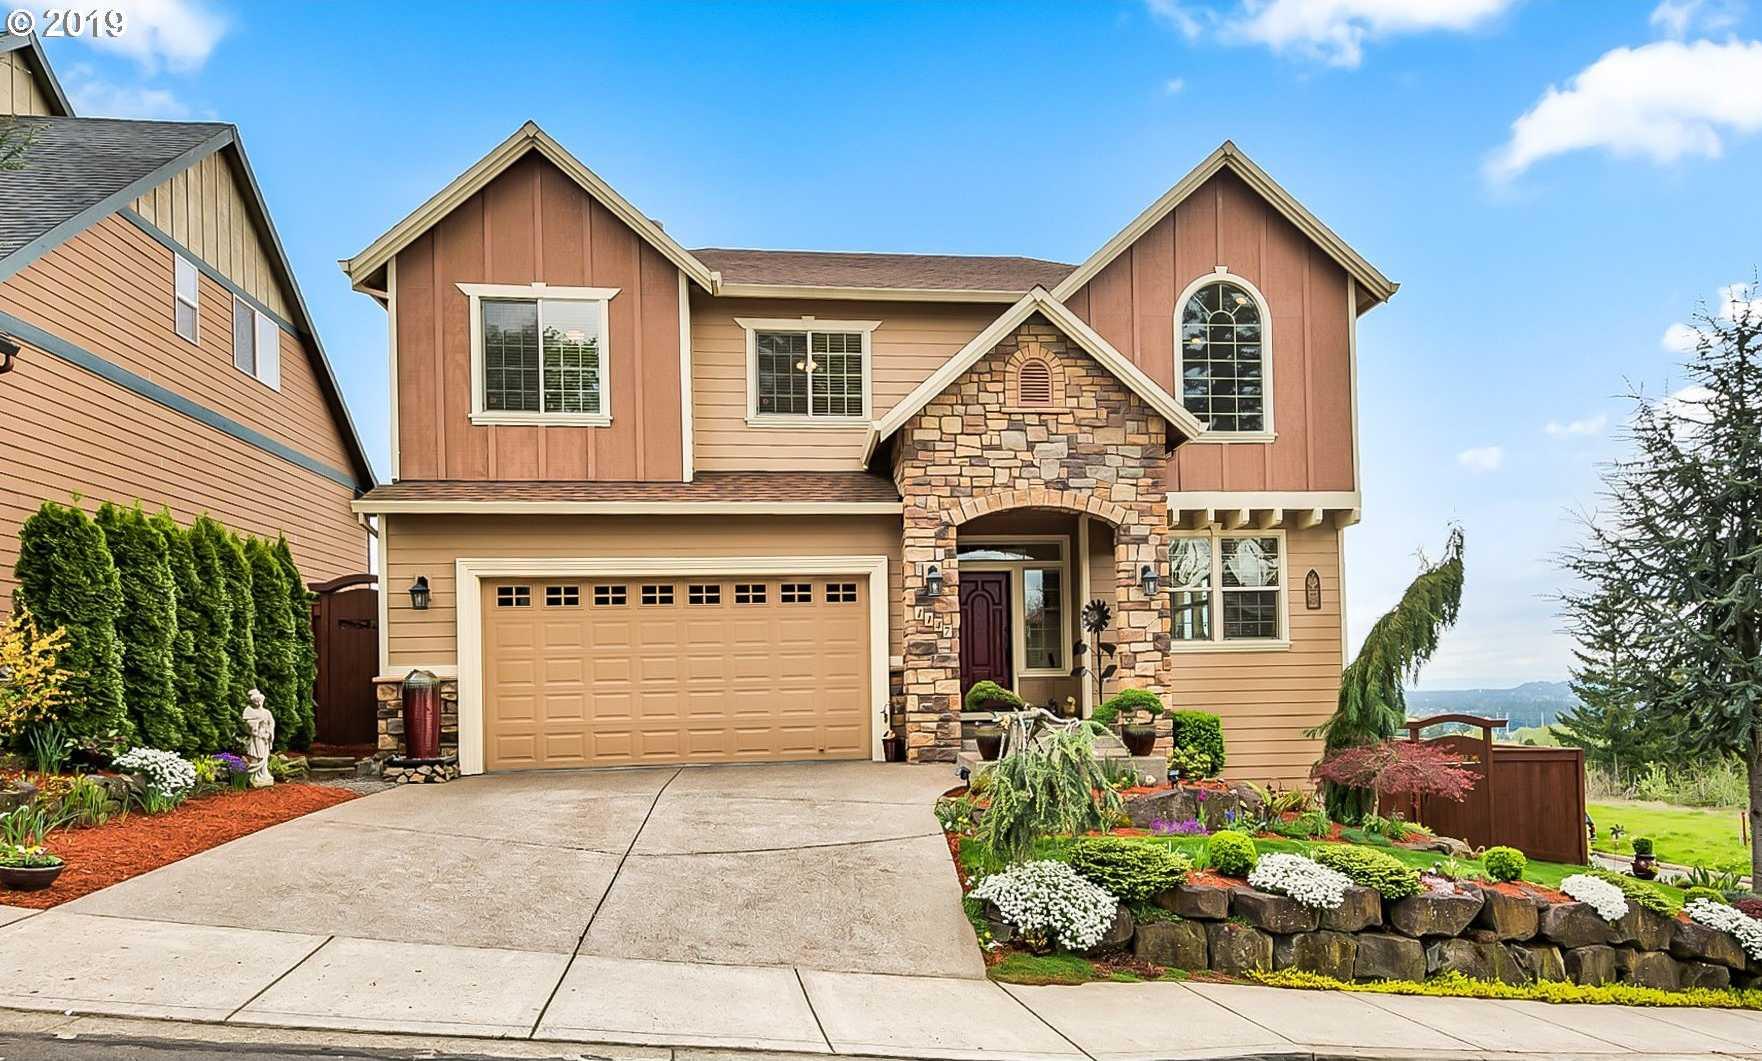 $478,900 - 4Br/3Ba -  for Sale in Gresham Butte, Gresham